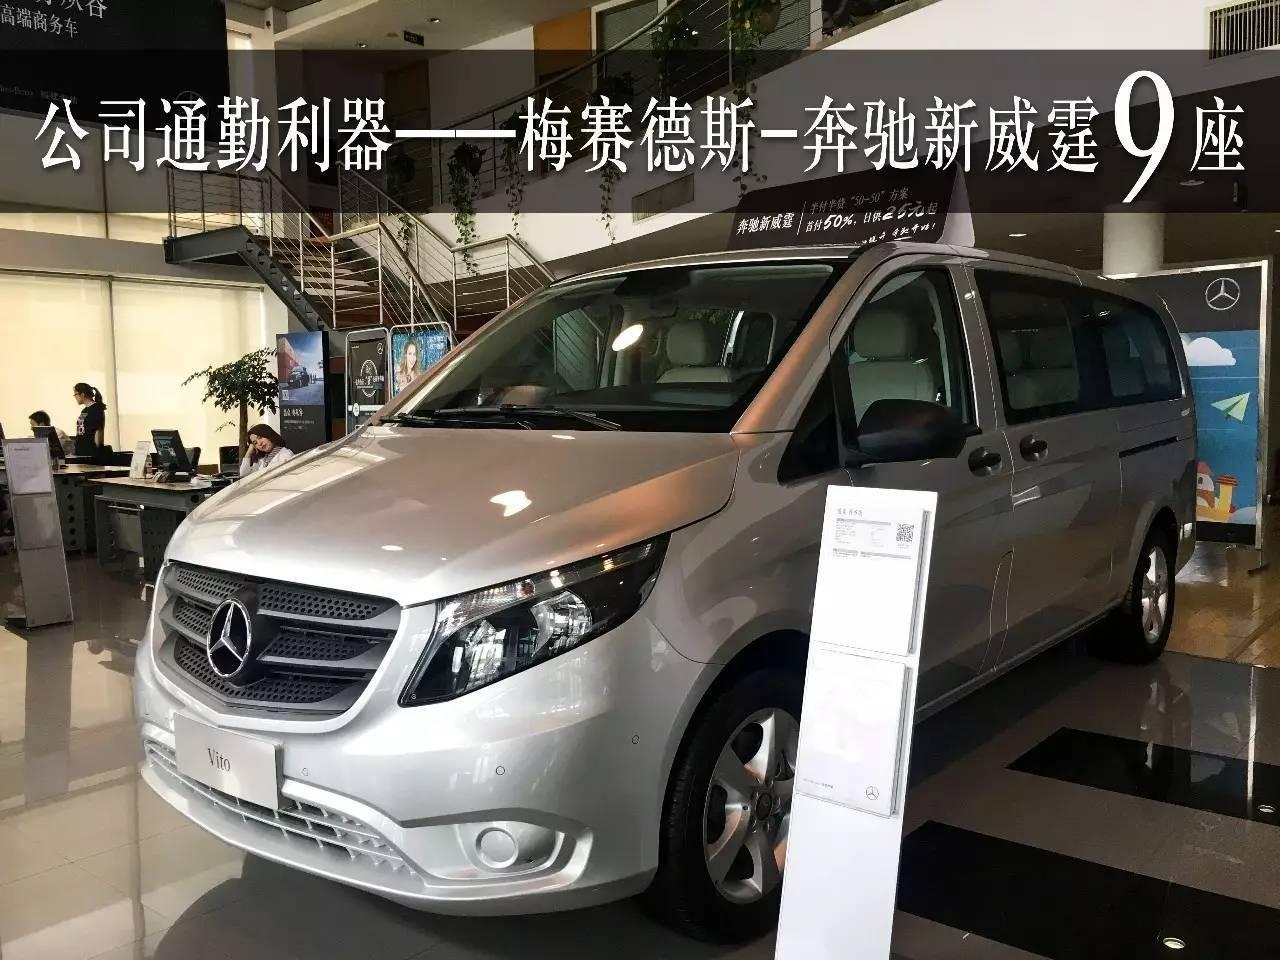 【九华奔驰】公司的通勤利器奔驰新威庭9座